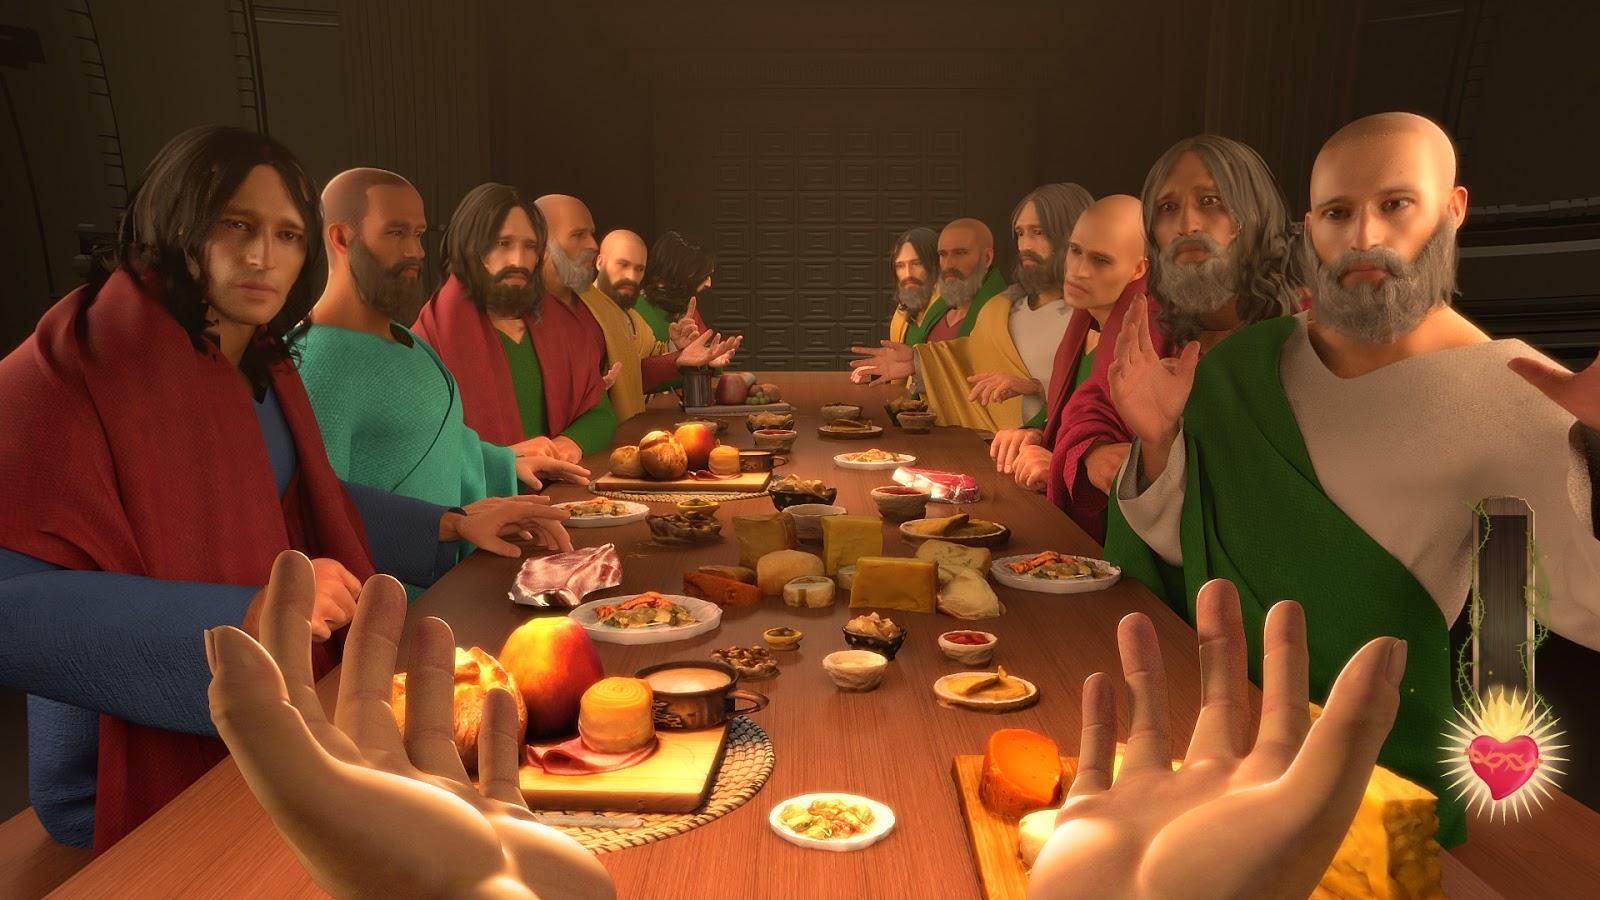 I am Jesus Christ | Ein First Person Simulations Game auf Steam lässt dich Jesus werden